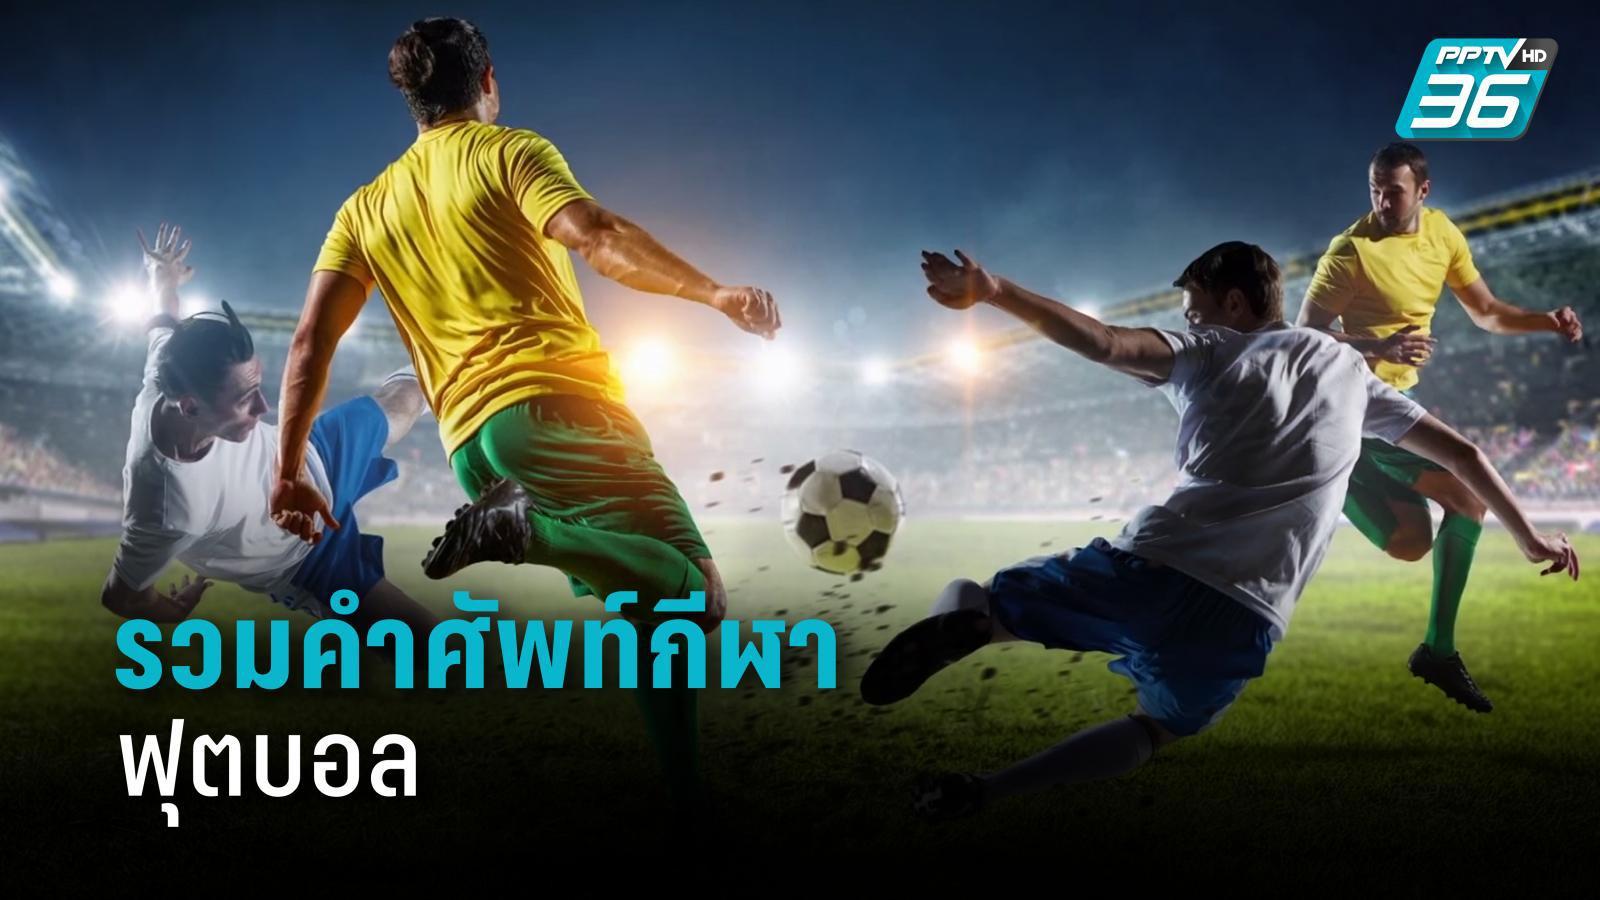 ฝึกภาษาอังกฤษกับกีฬา ฟุตบอลแมตช์หน้ารับรองว่ามันกว่าเดิม!